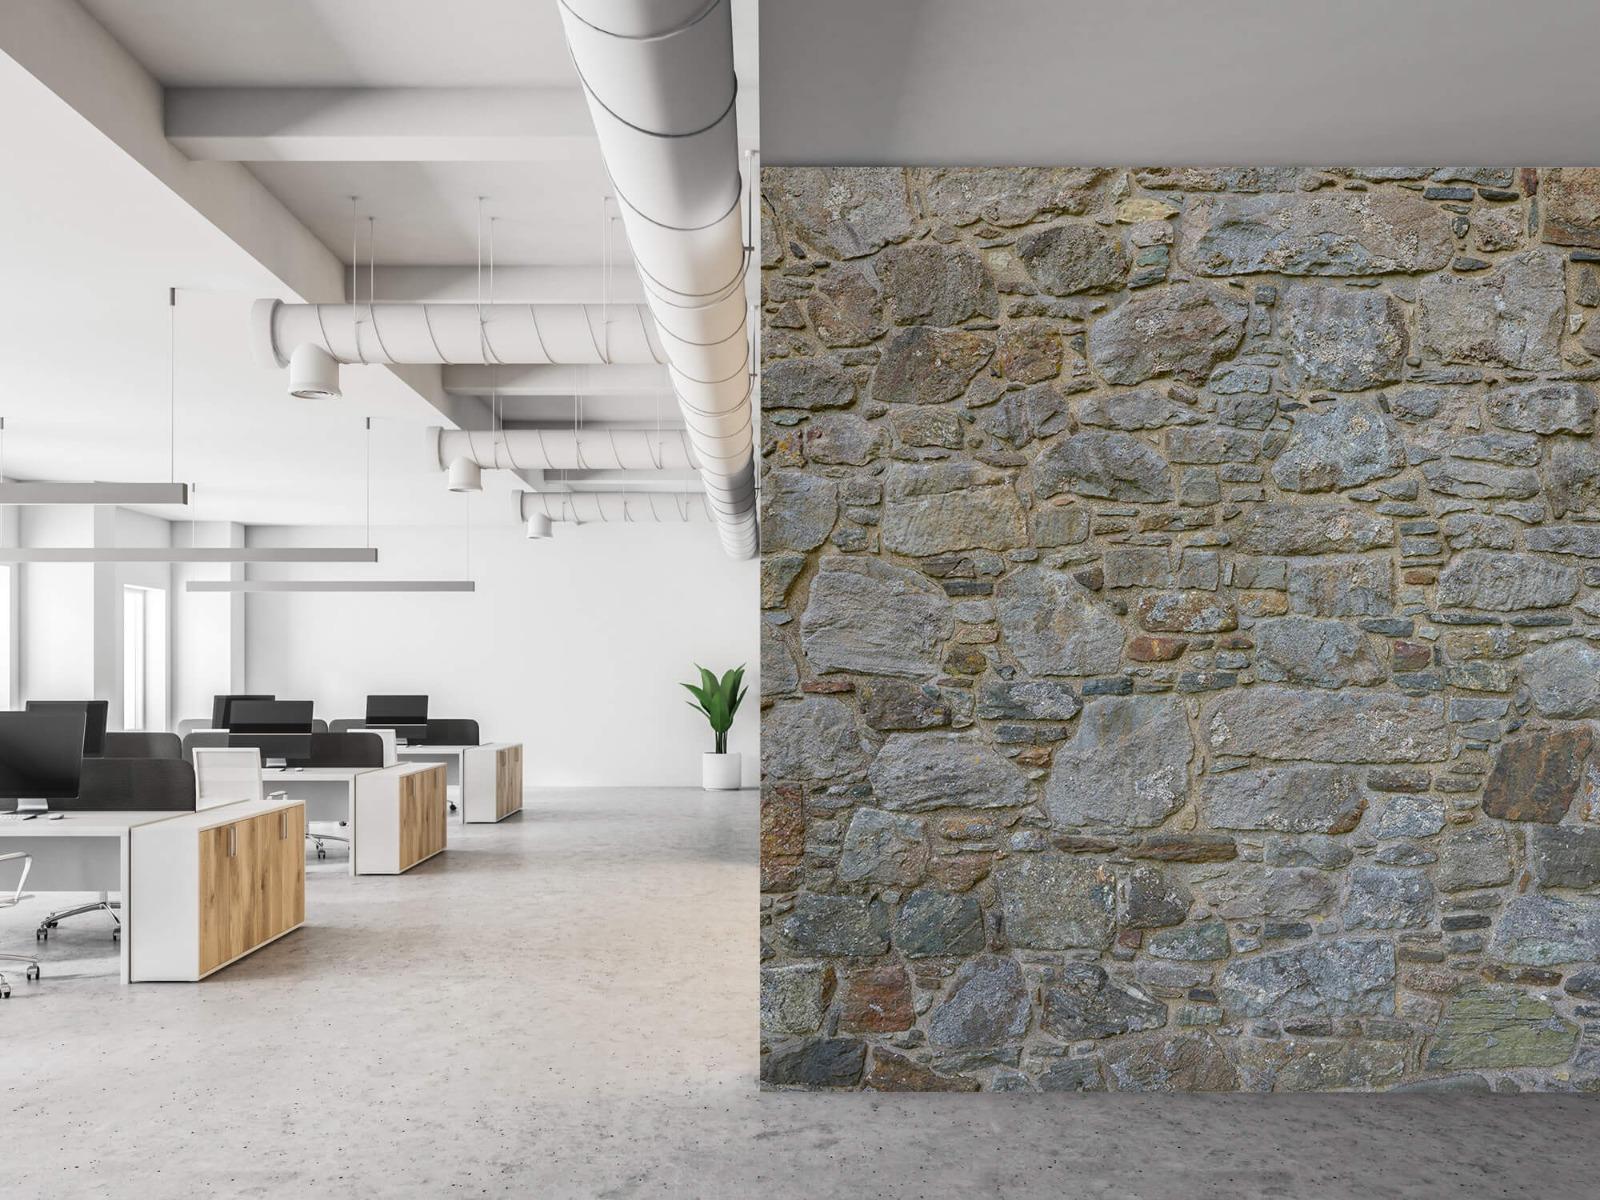 Papier peint en pierre - Mur de pierre médiéval - Chambre à coucher 22